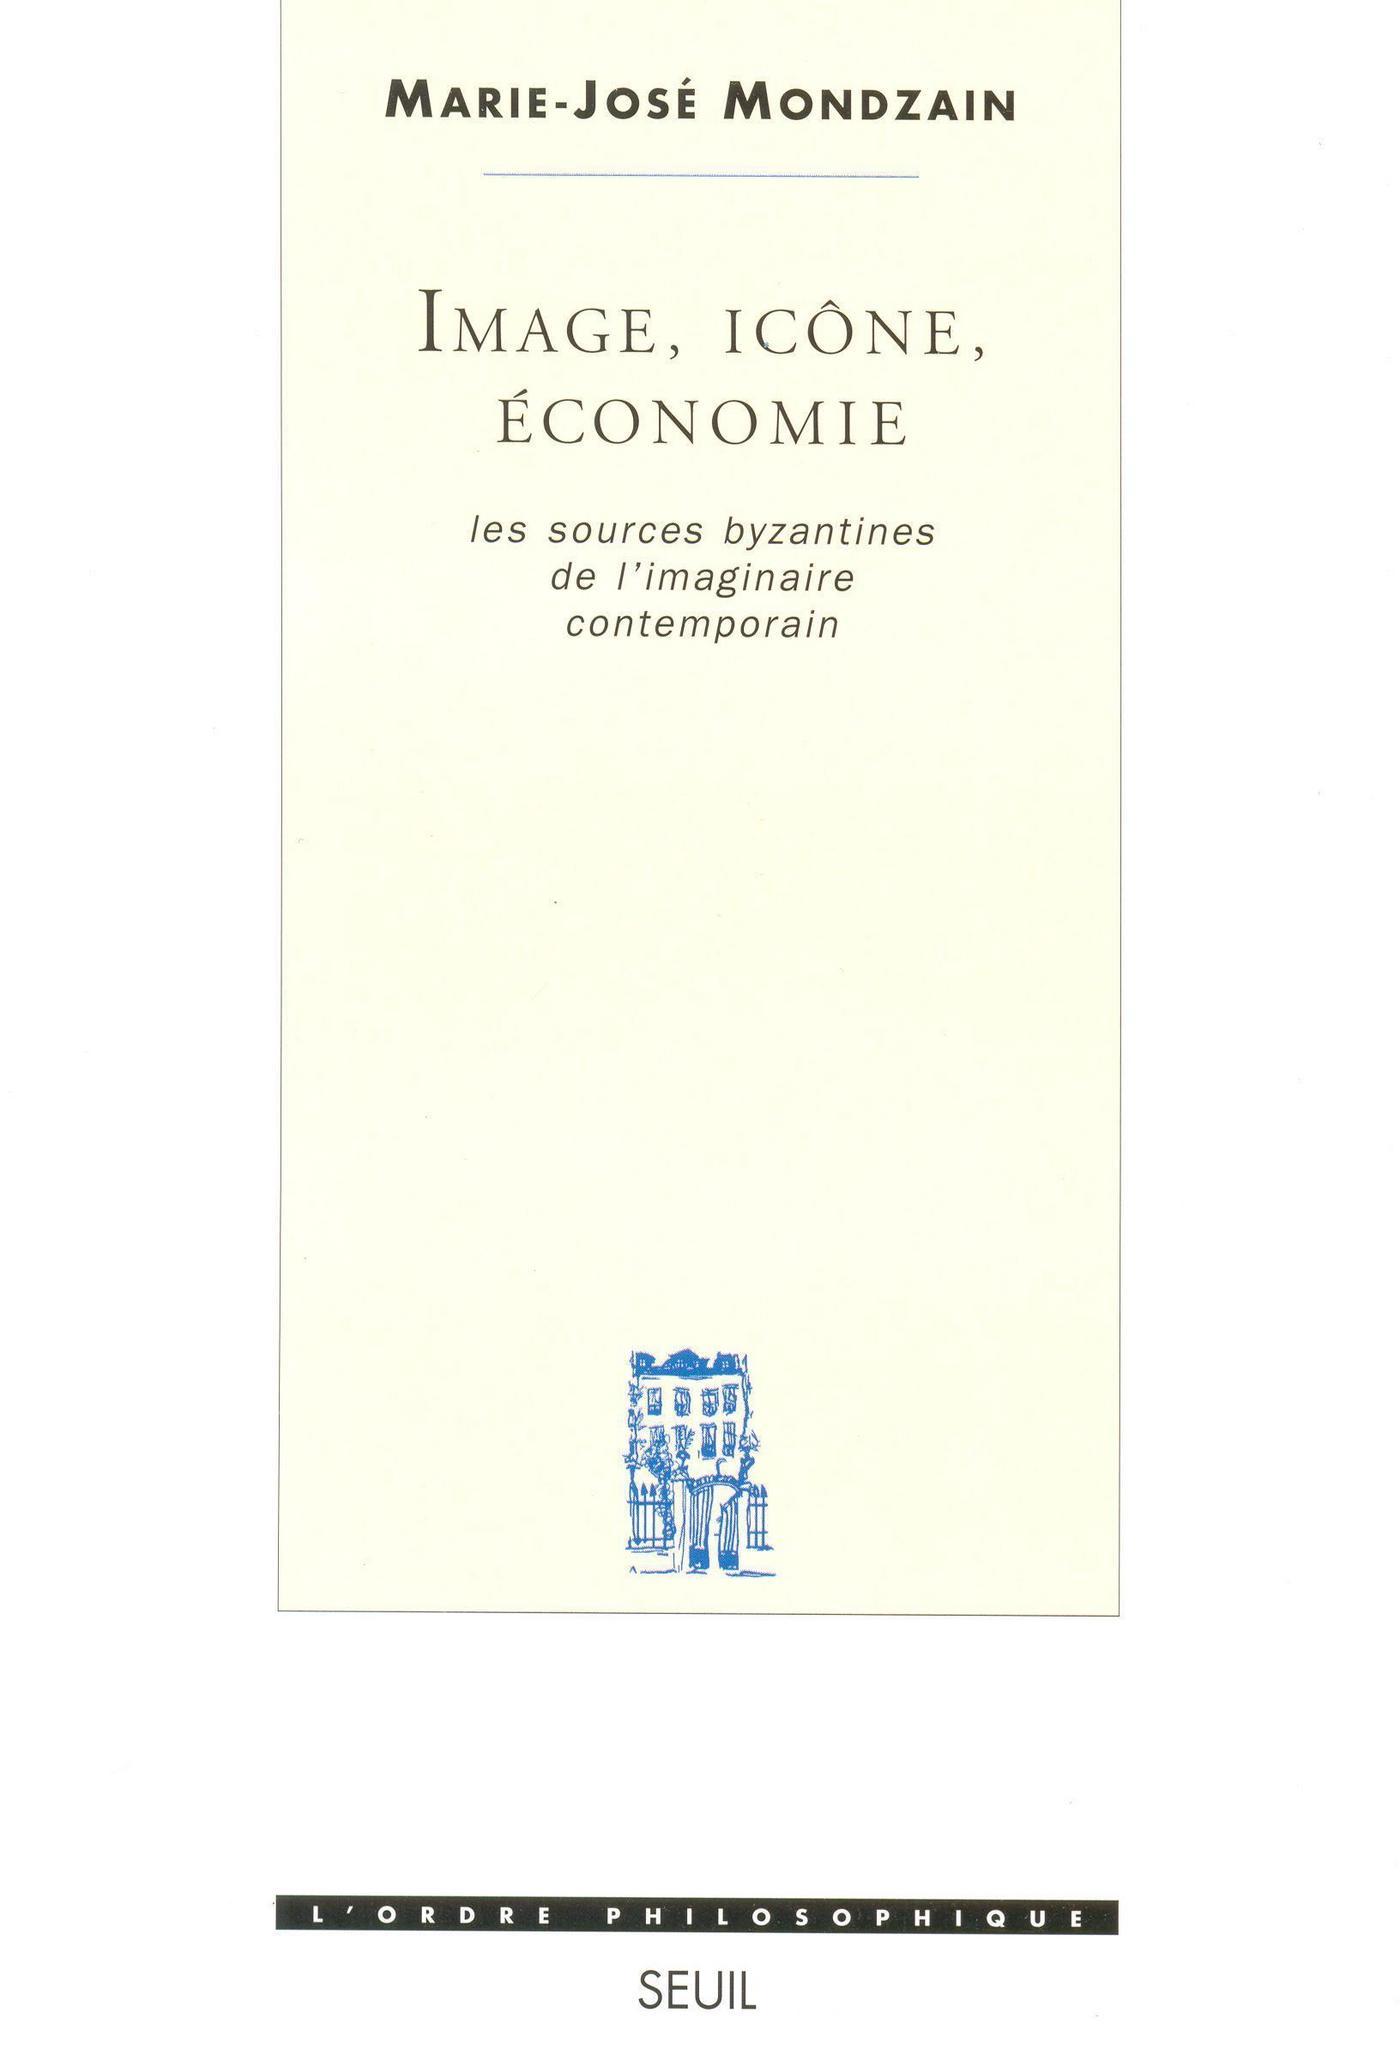 Image, Icône, Economie - Les sources byzantines de l'imaginaire contemporain